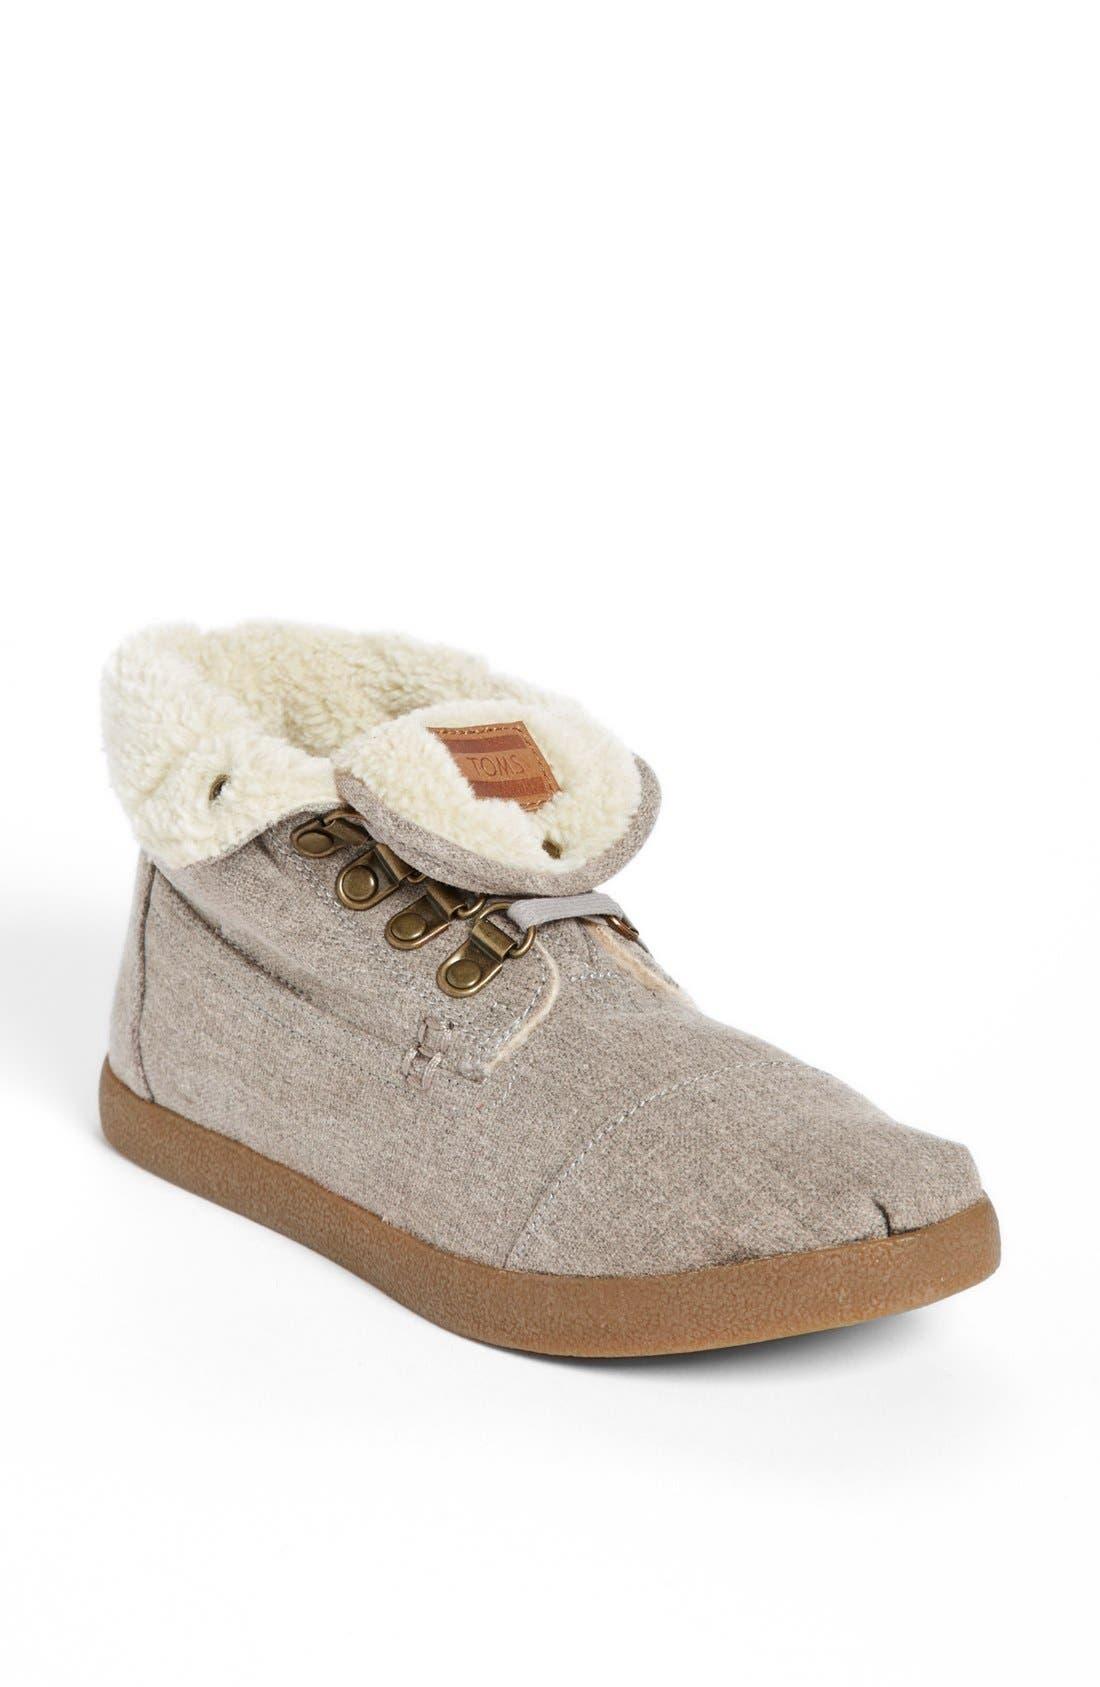 'High Botas' Fleece Boot,                         Main,                         color, 020